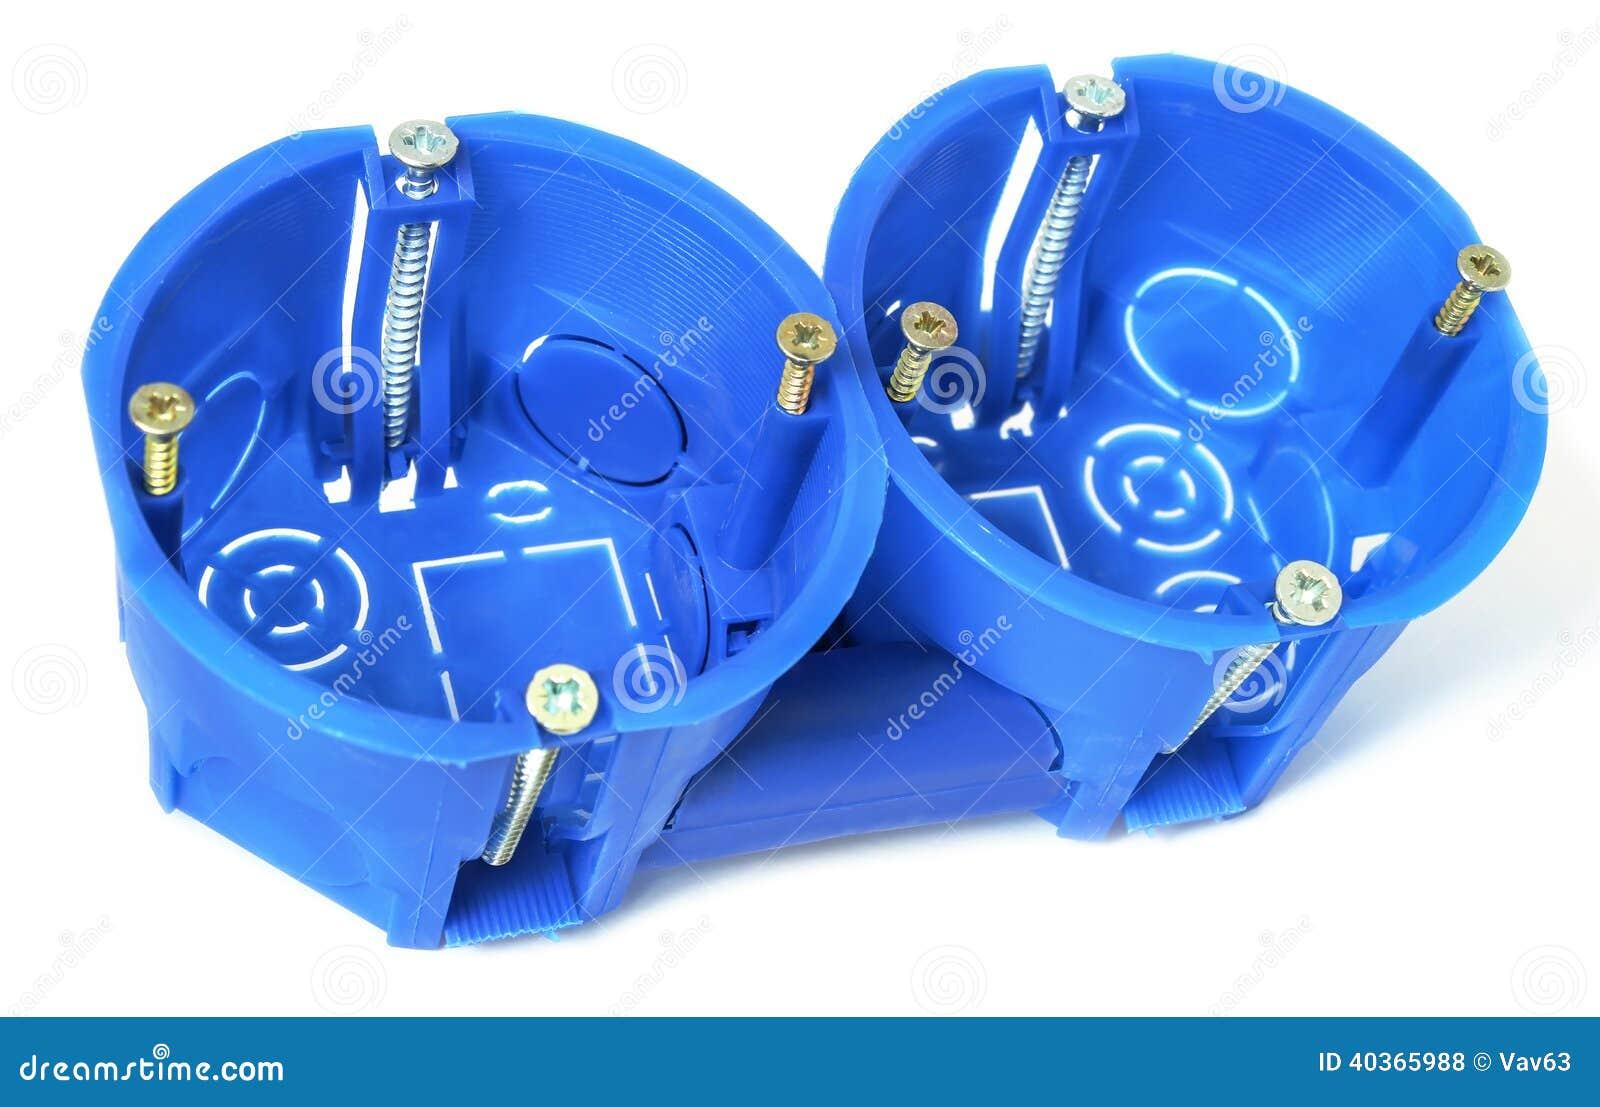 Διηλεκτρικά πλαστικά συνημμένα για τις ηλεκτρικές εξόδους και switche